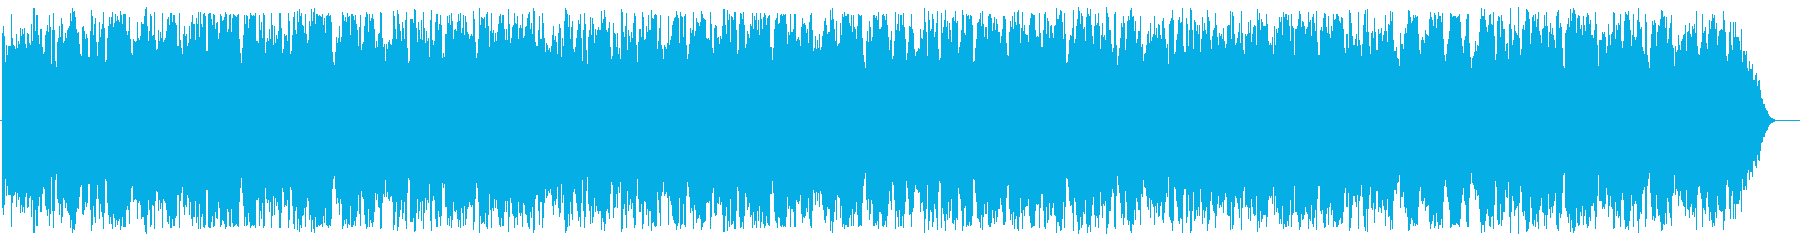 柊と蔦は オルゴール&Str.の再生済みの波形